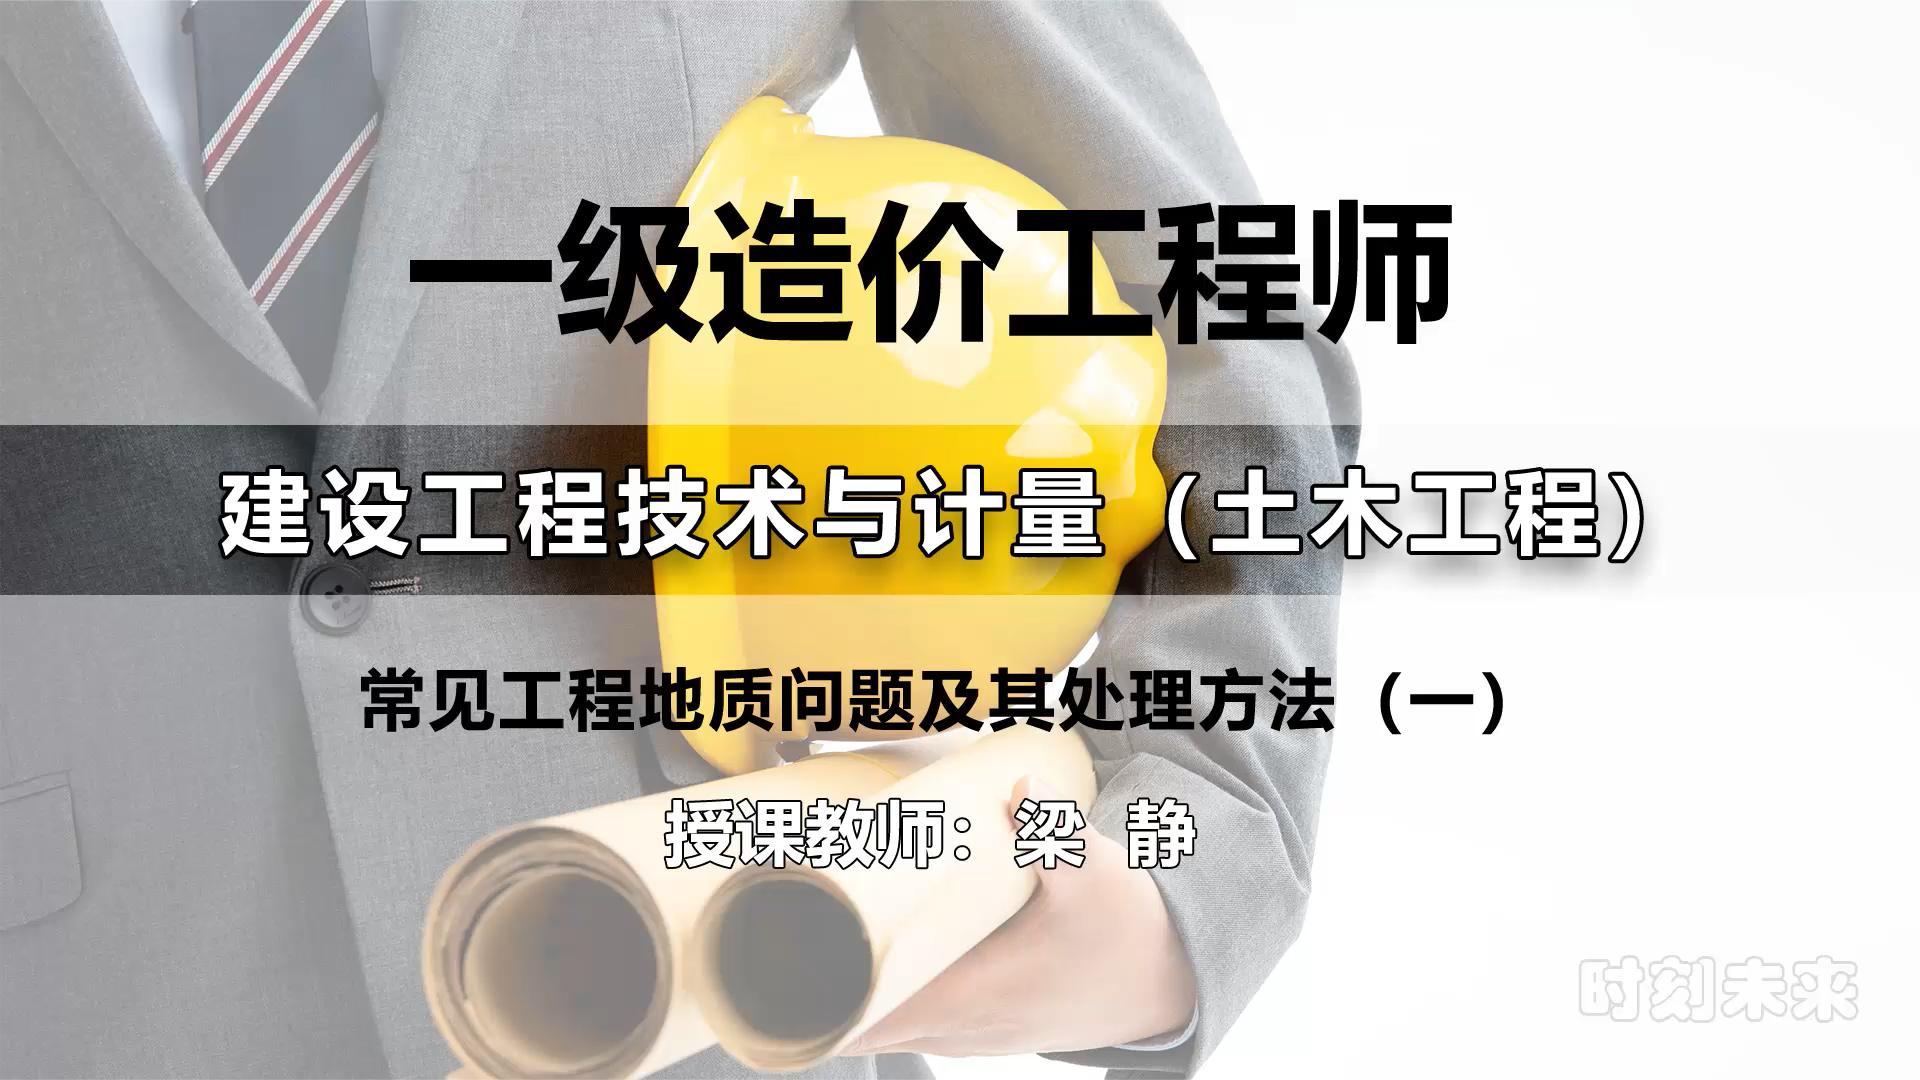 梁静-一级造价工程师-建设工程技术与计量(土木建筑工程-第二期